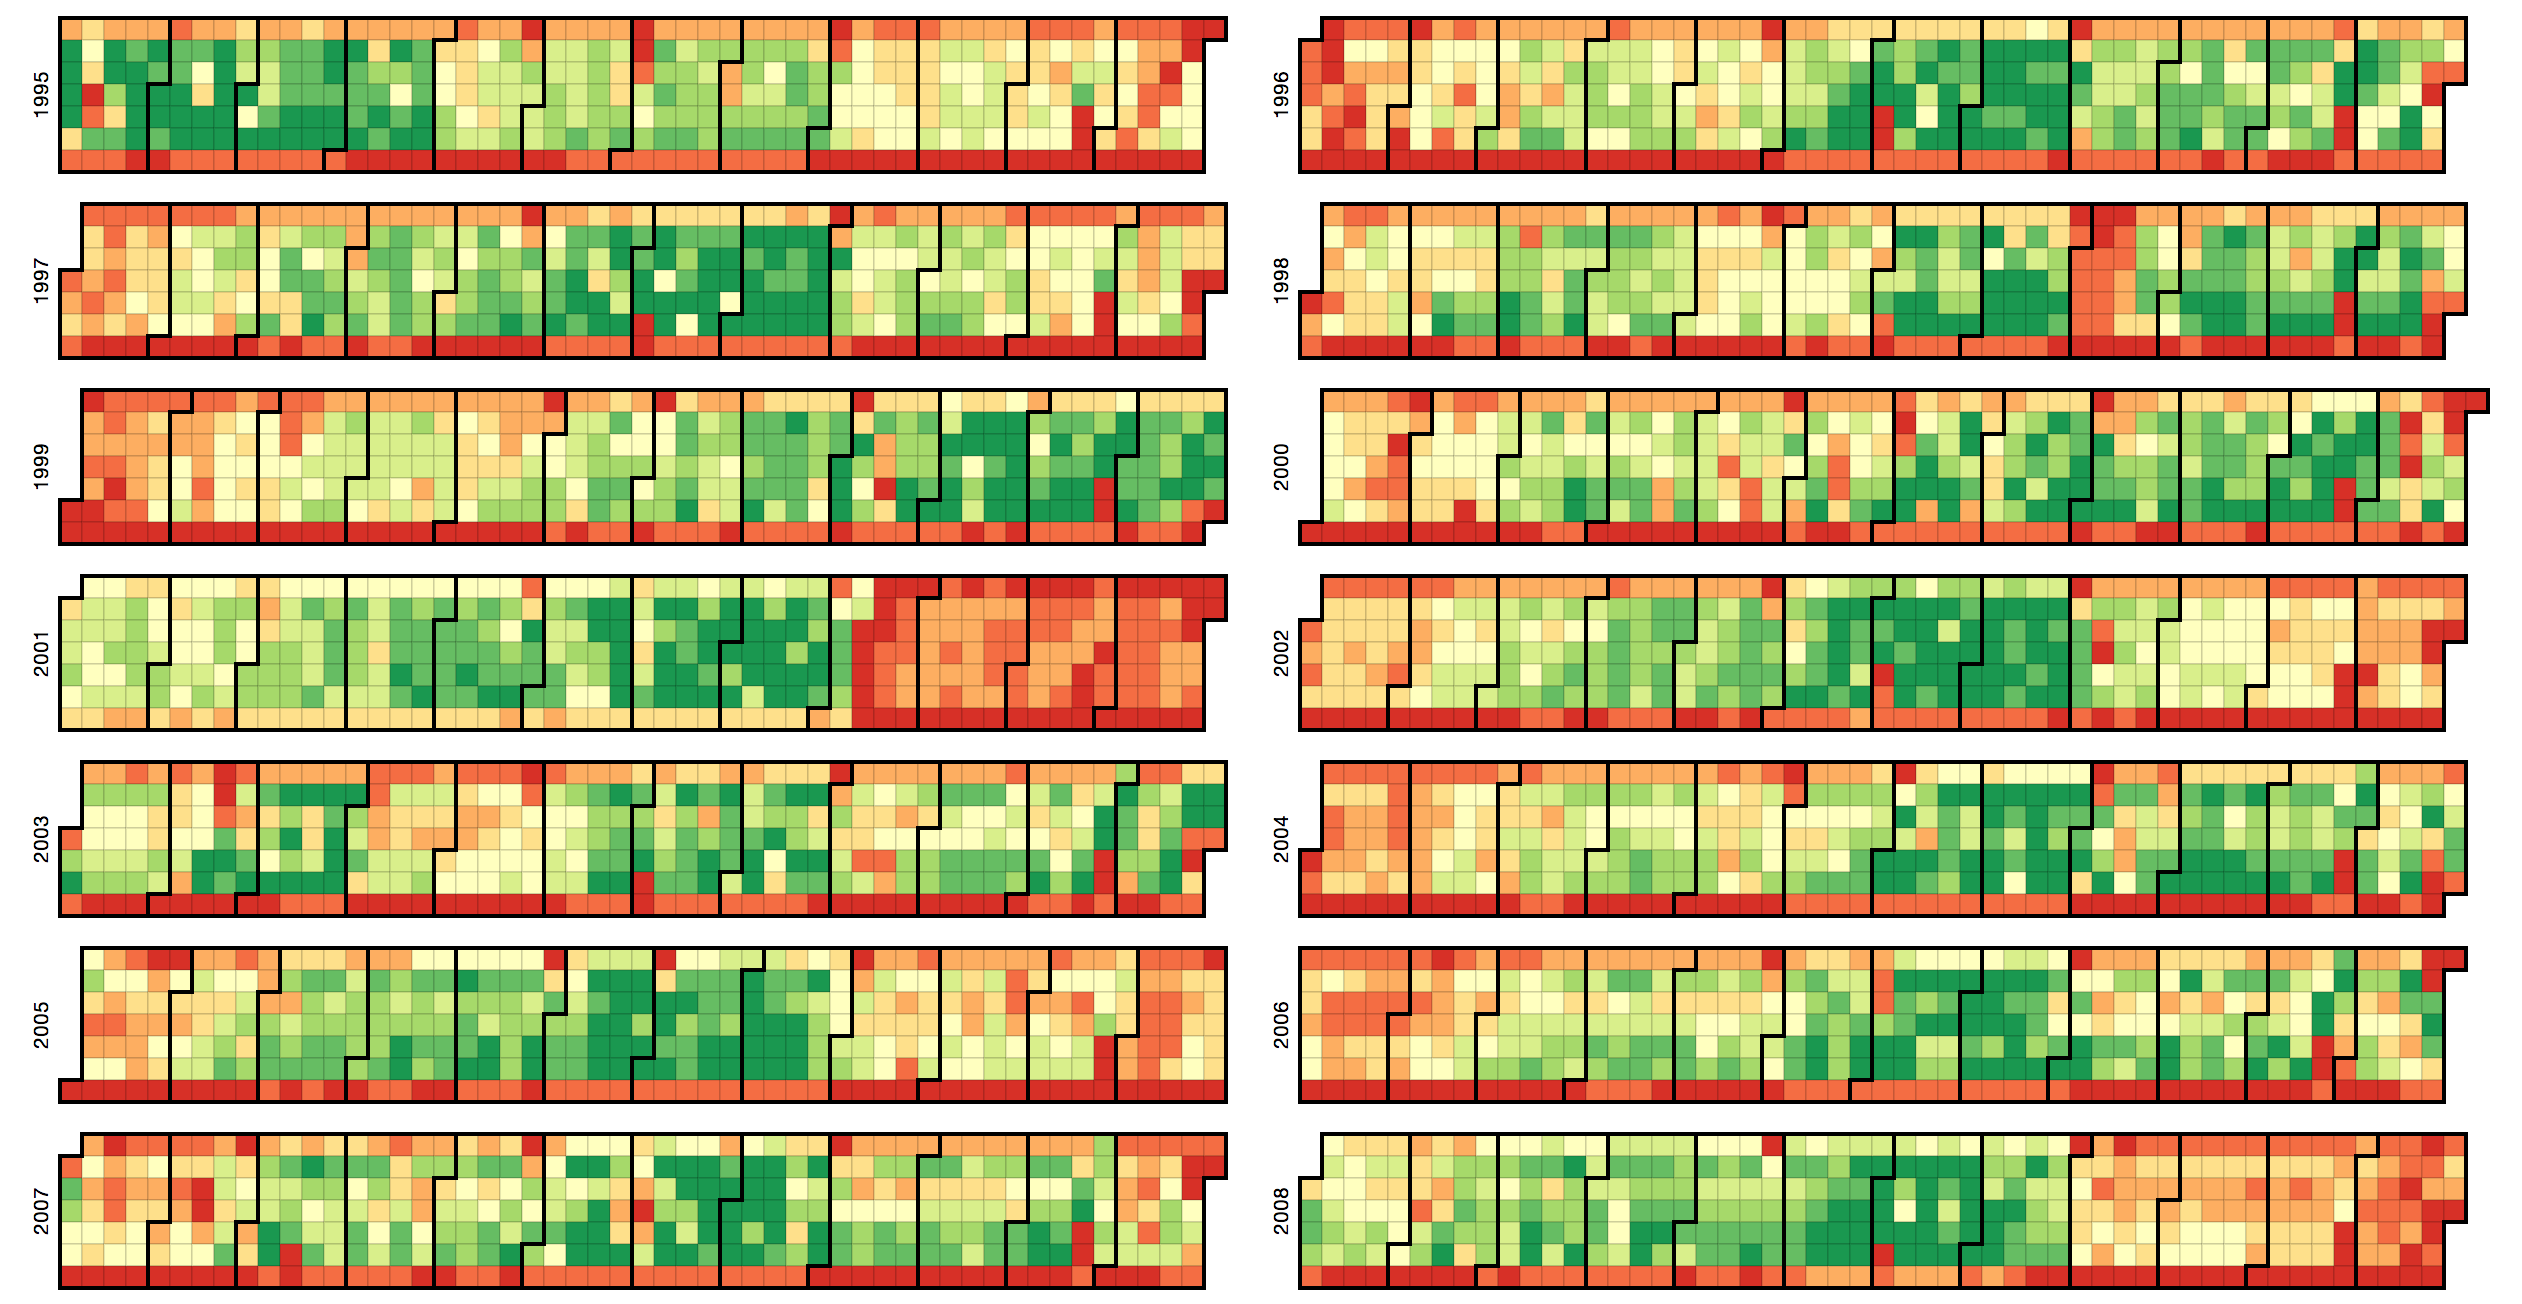 Calendar heatmap using D3.js | Data Visualization | Heat map, Data on